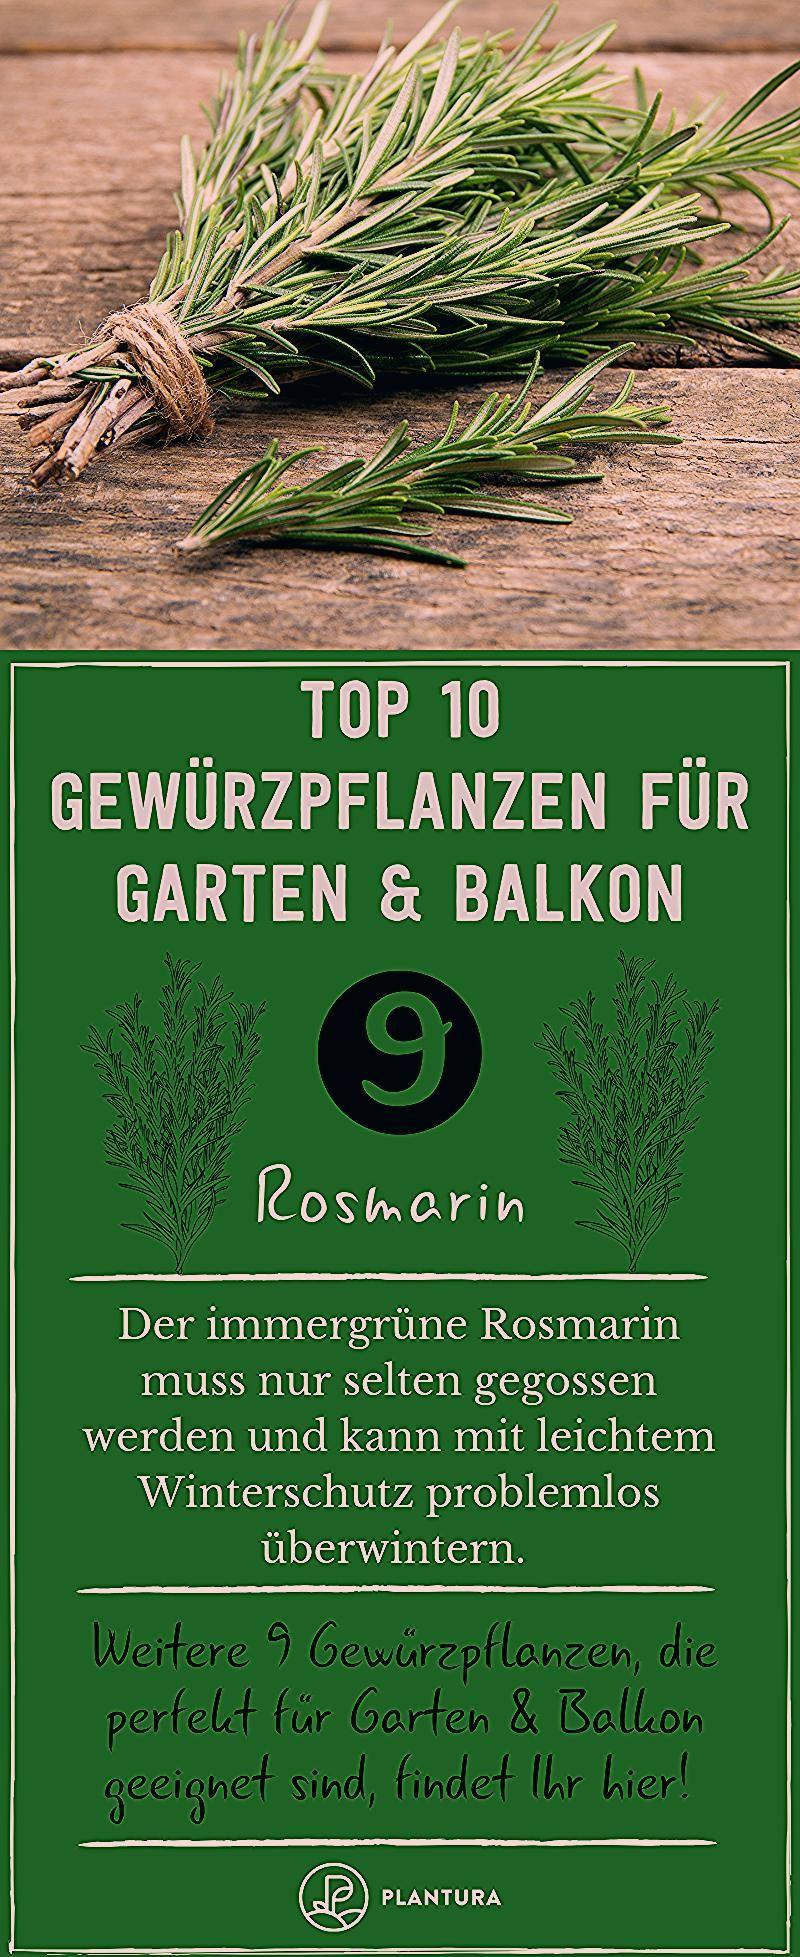 Photo of Gewürzpflanzen: Die 10 besten für Garten & Balkon – Plantura